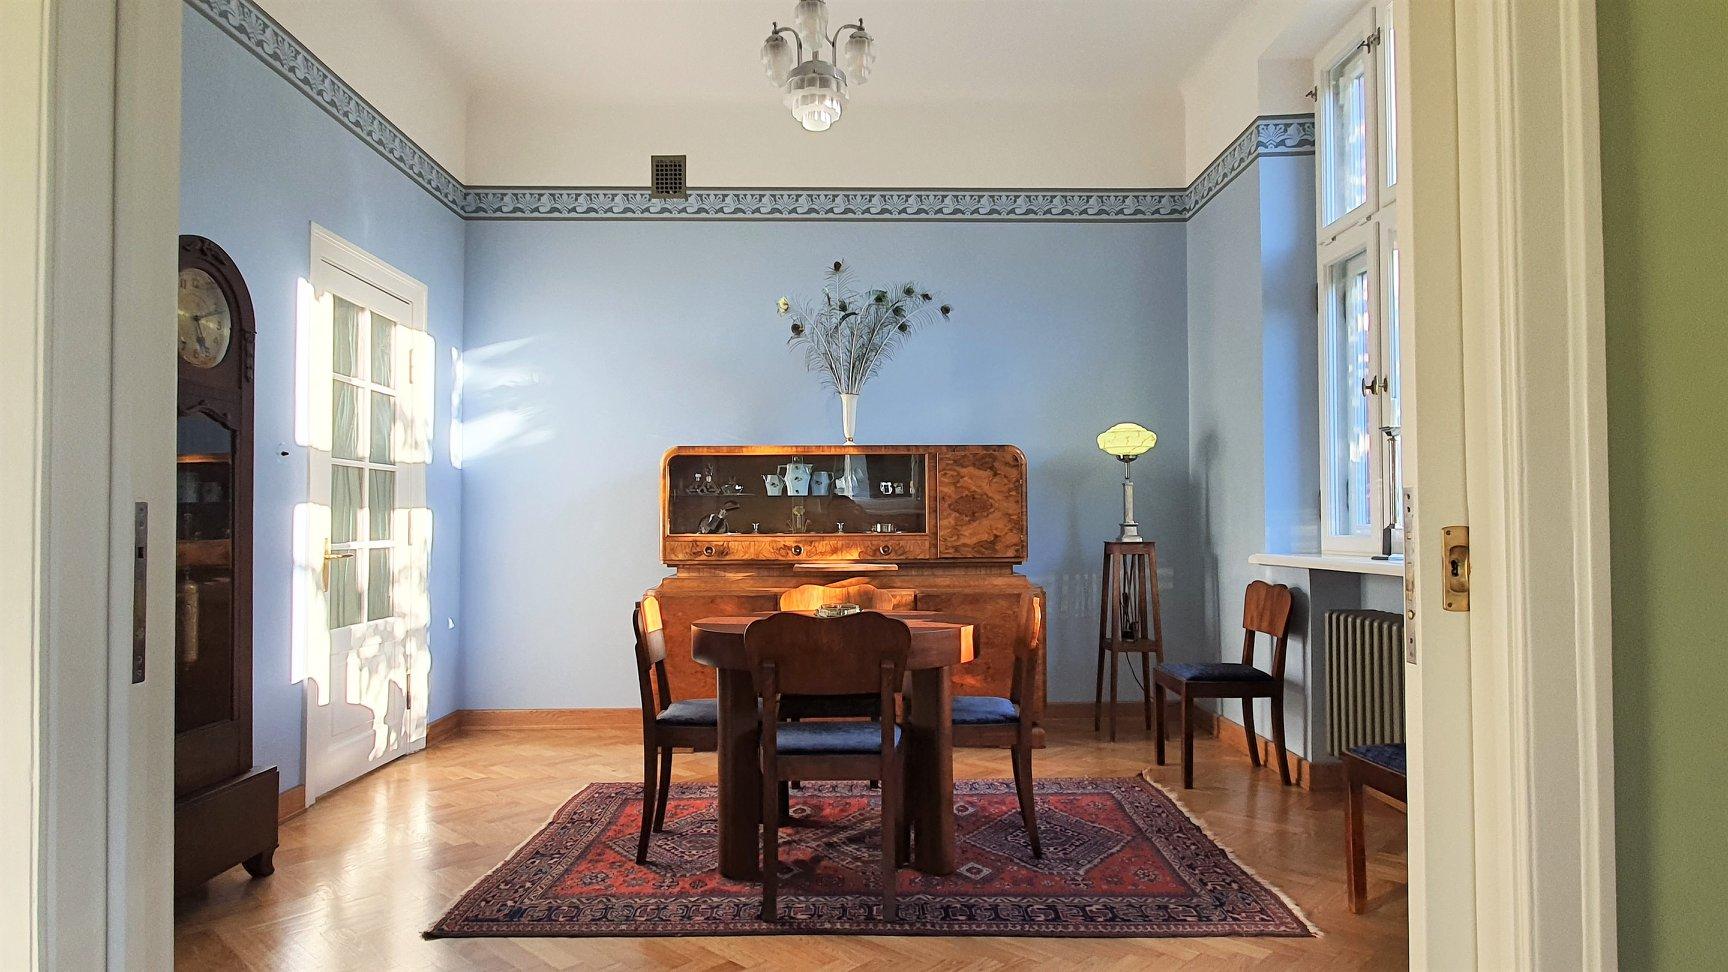 P. Gudavičiaus namas, Gedimino g. 48. Karolio Banio nuotrauka